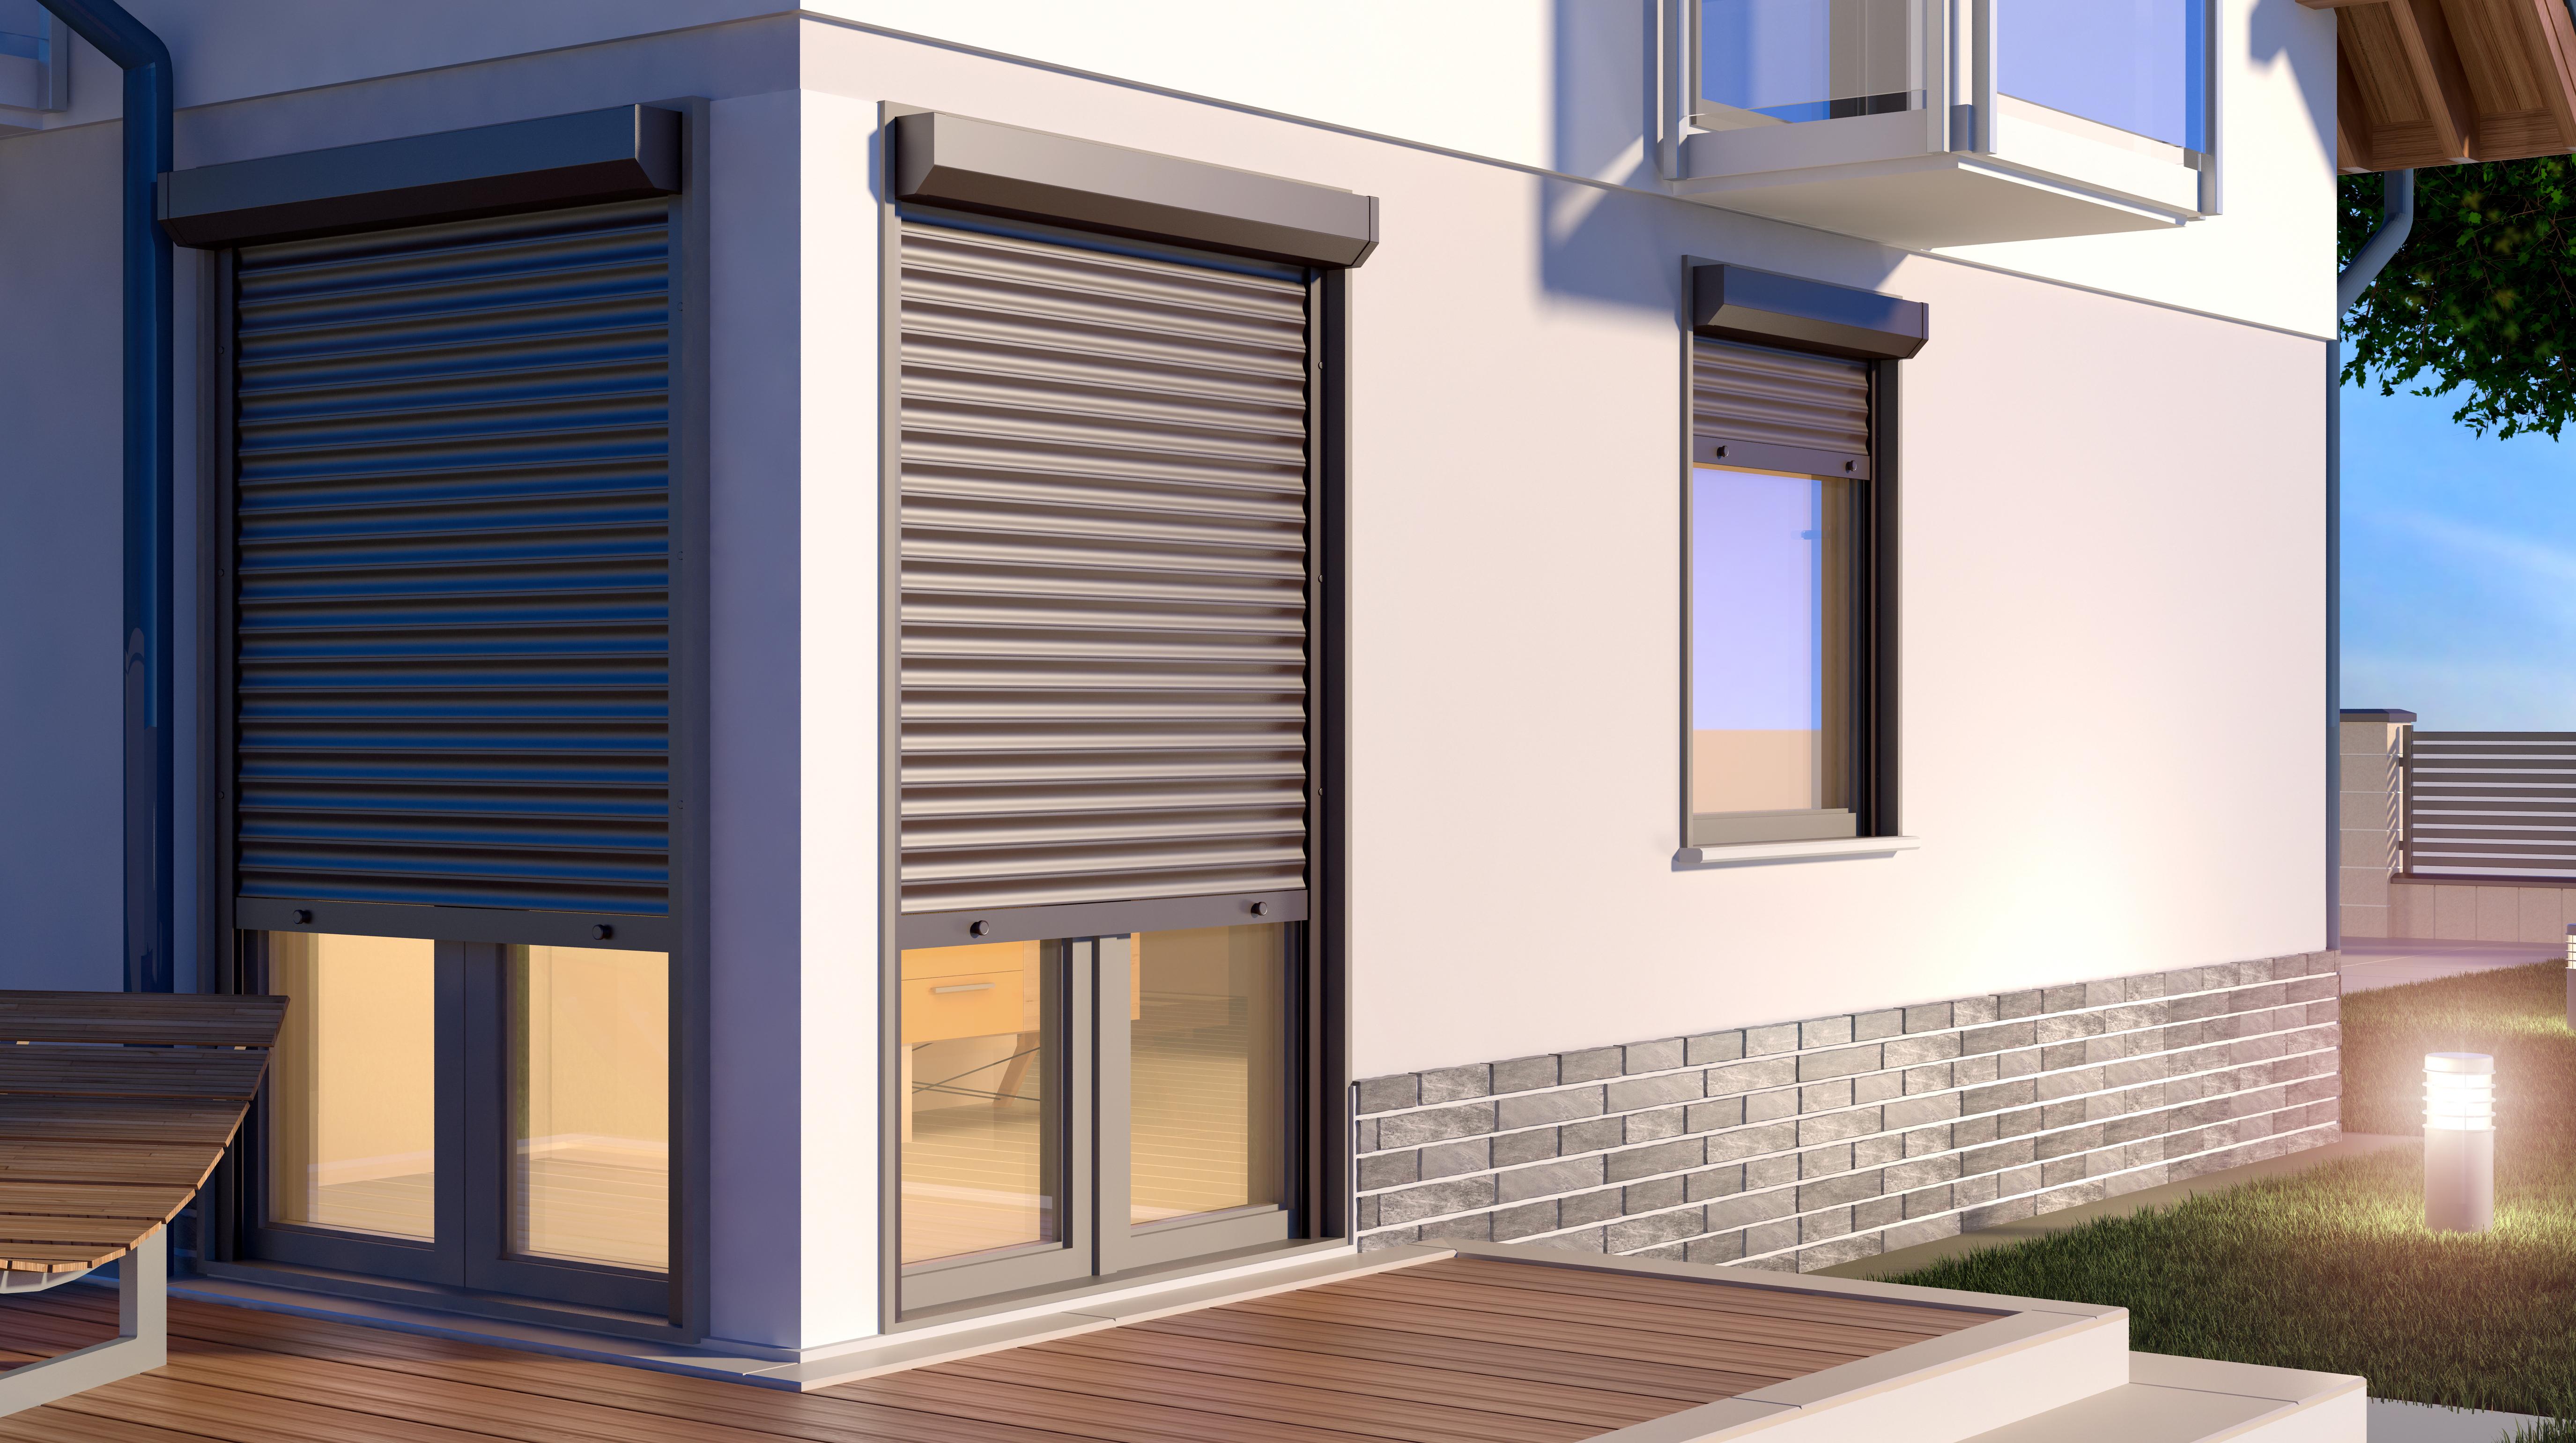 Comment Habiller Un Velux Avec Des Rideaux bien choisir son store de fenêtre - le guide pratique